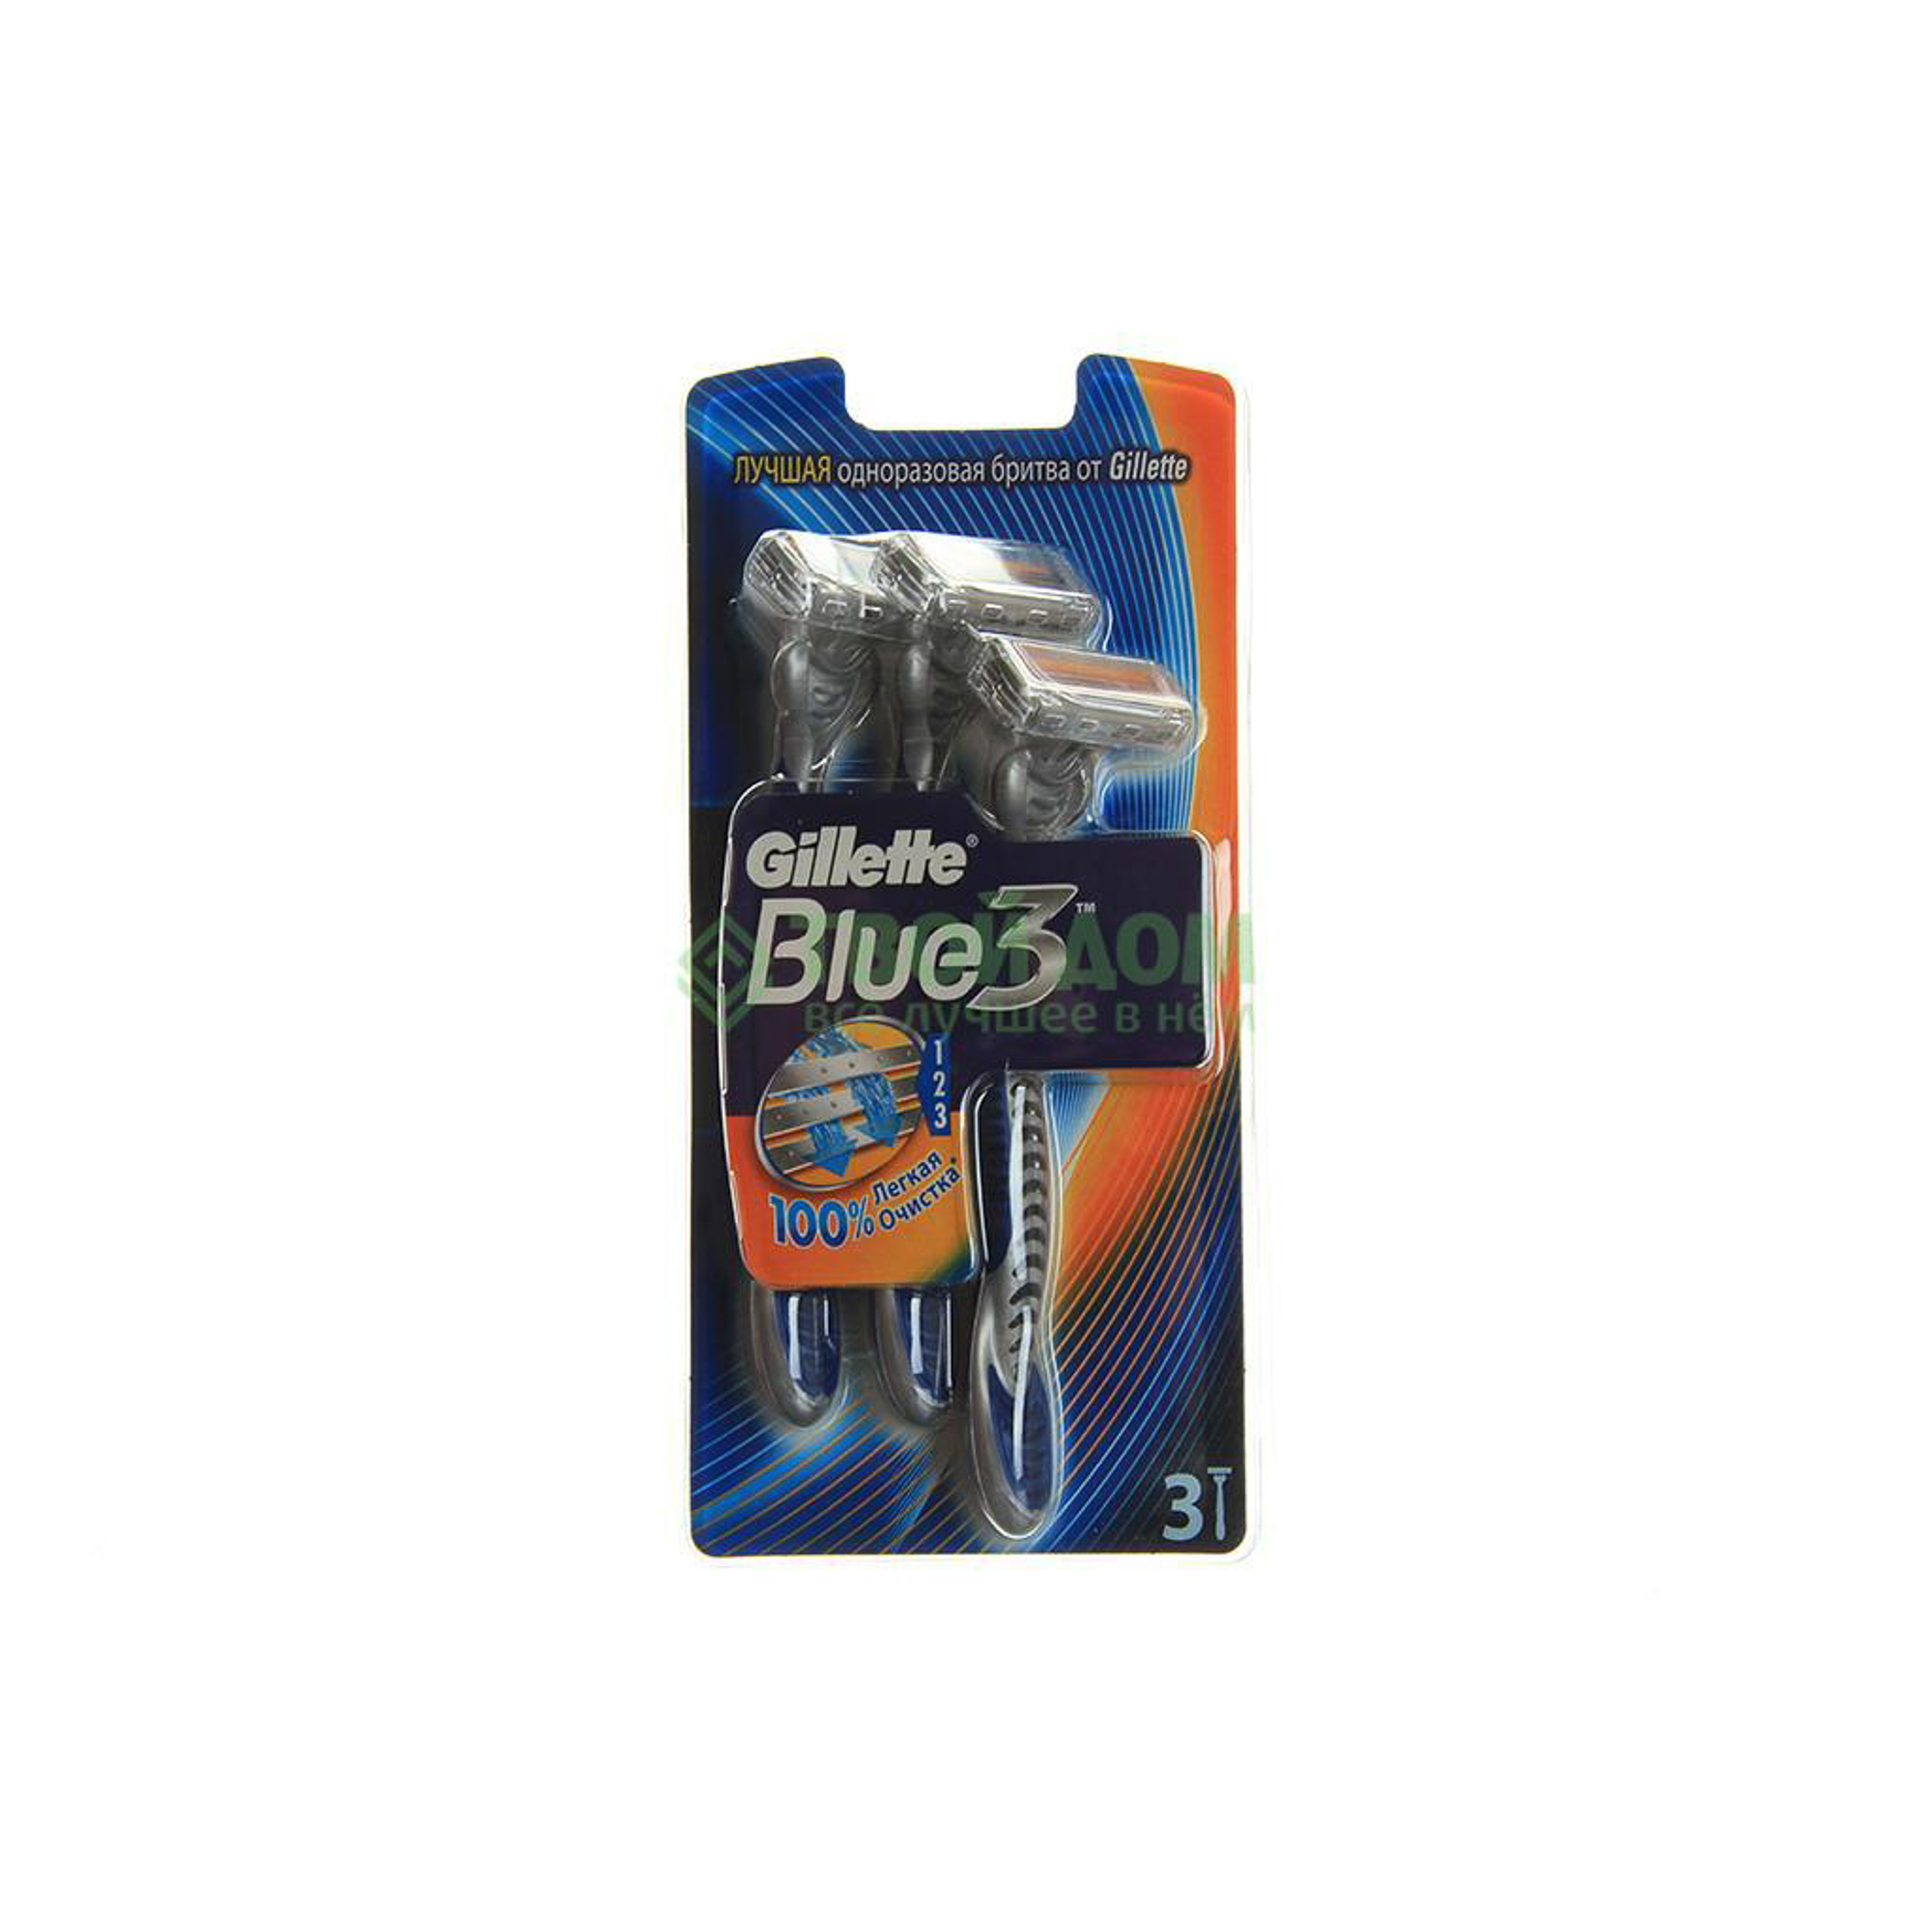 Станок для бритья Gillette Blue III одноразовый 3 шт (BLI-81372741)